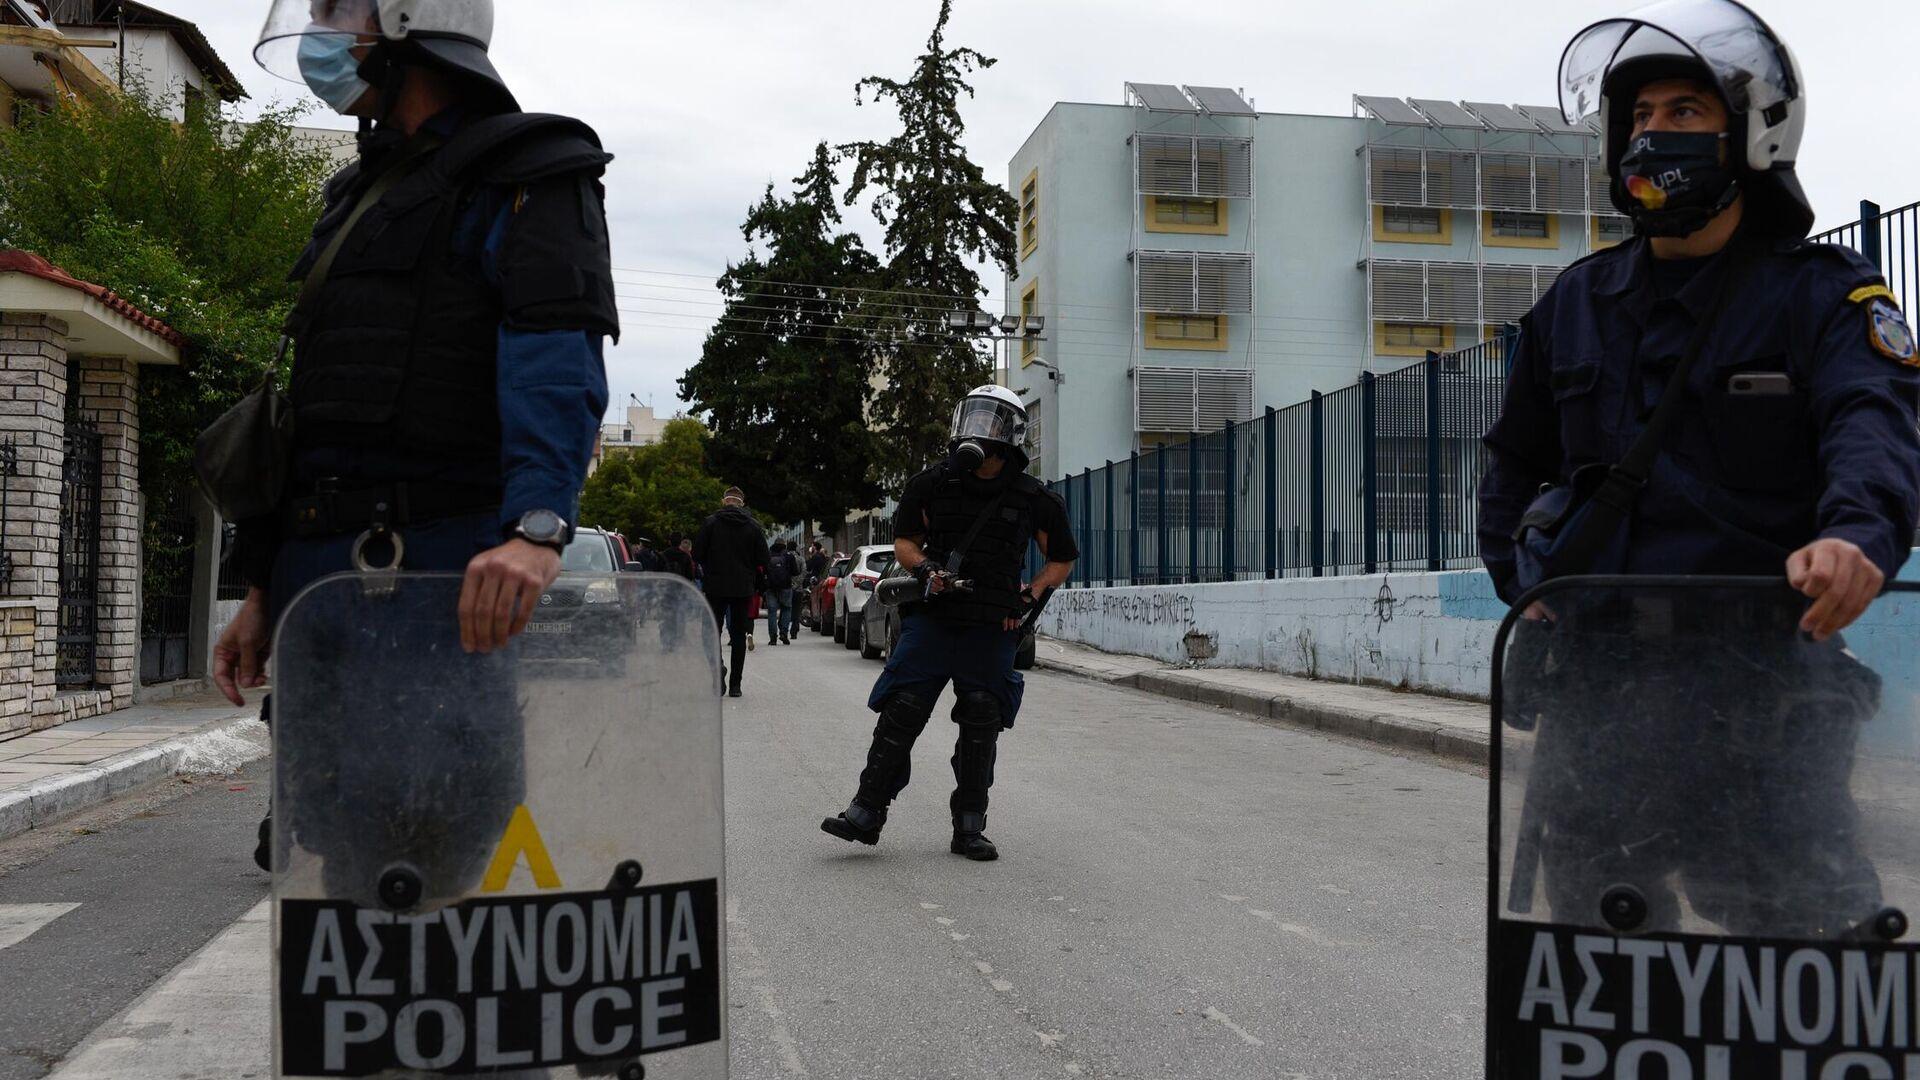 Συγκέντρωση διαμαρτυρίας εξω απο το 1ο και 2ο ΕΠΑΛ Σταυρούπολης  από φοιτητικές οργανώσεις και συλλογικότητες με αφορμή τα επεισόδια των προηγούμενων ημερών, Θεσσαλονίκη 30 Σεπτεμβρίου 2021. - Sputnik Ελλάδα, 1920, 04.10.2021